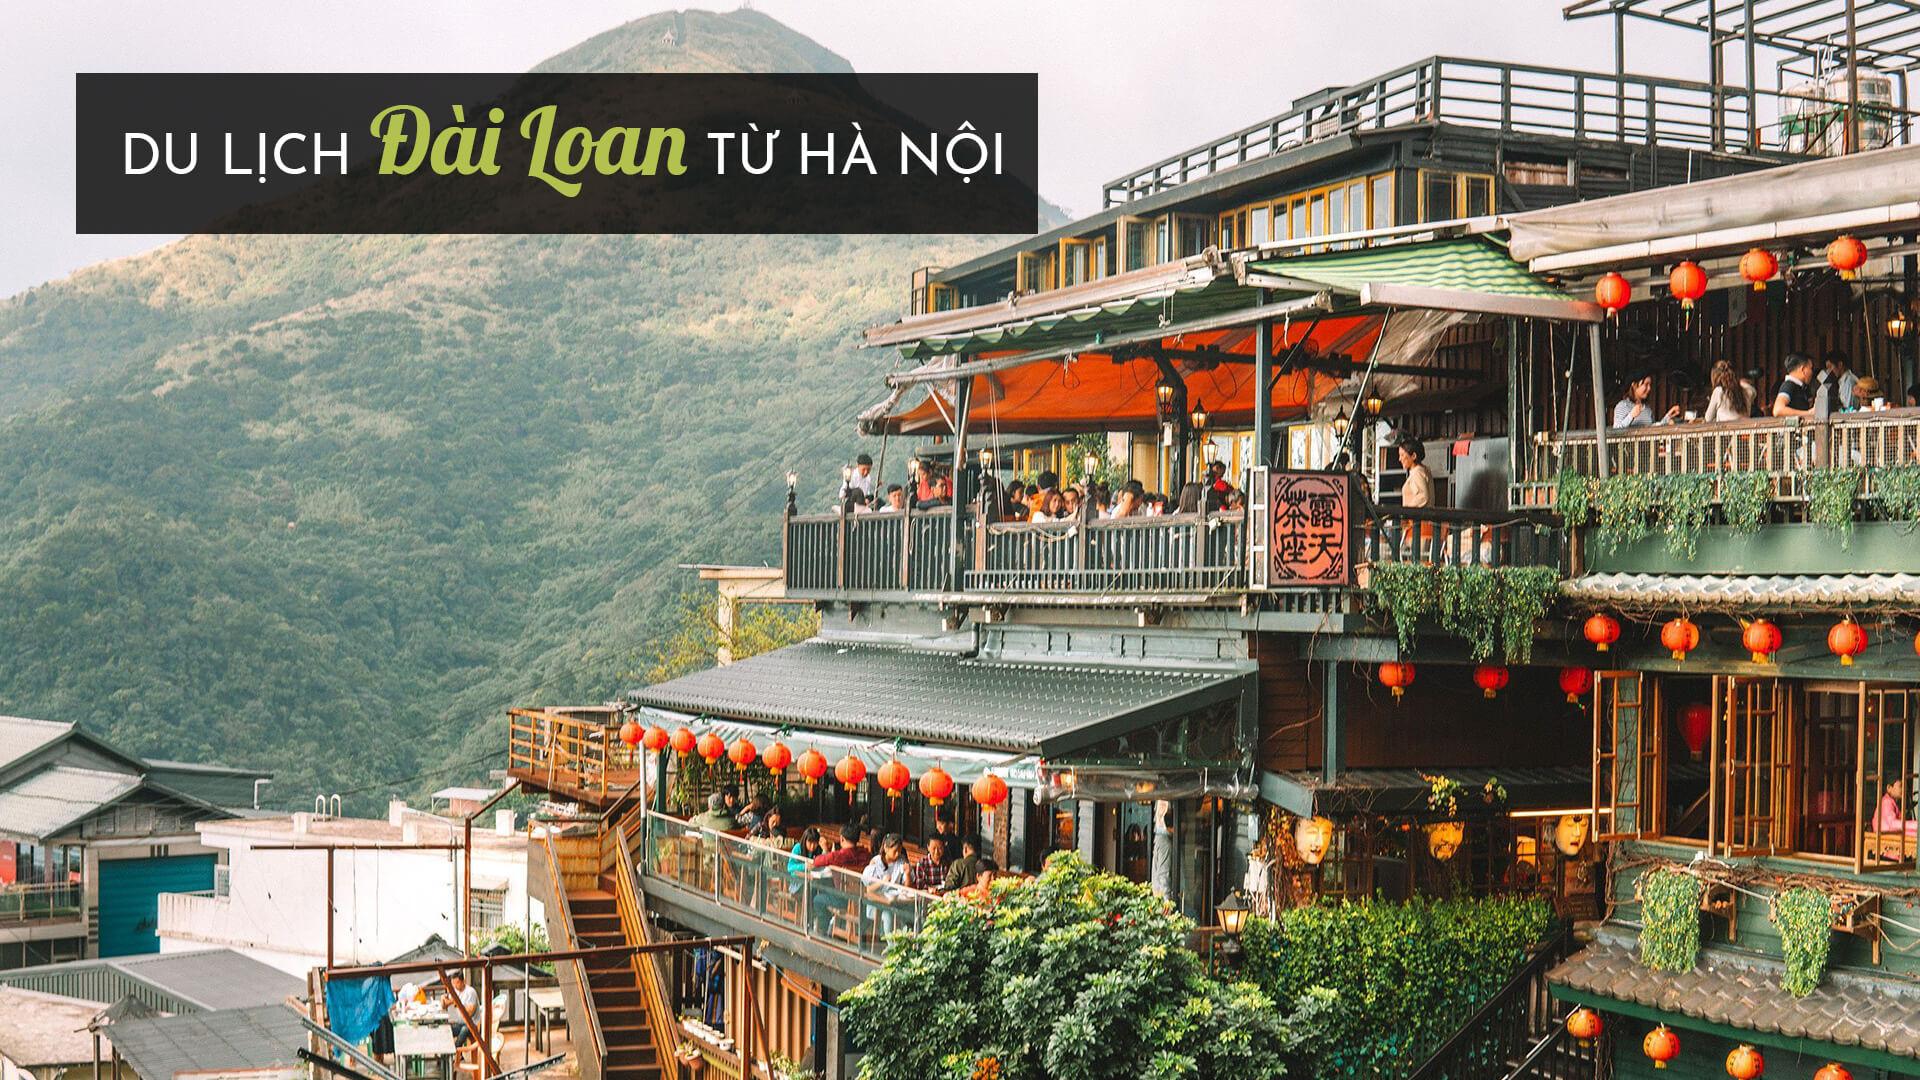 Kinh nghiệm du lịch Đài Loan từ Hà Nội dành cho người mới đi lần đầu